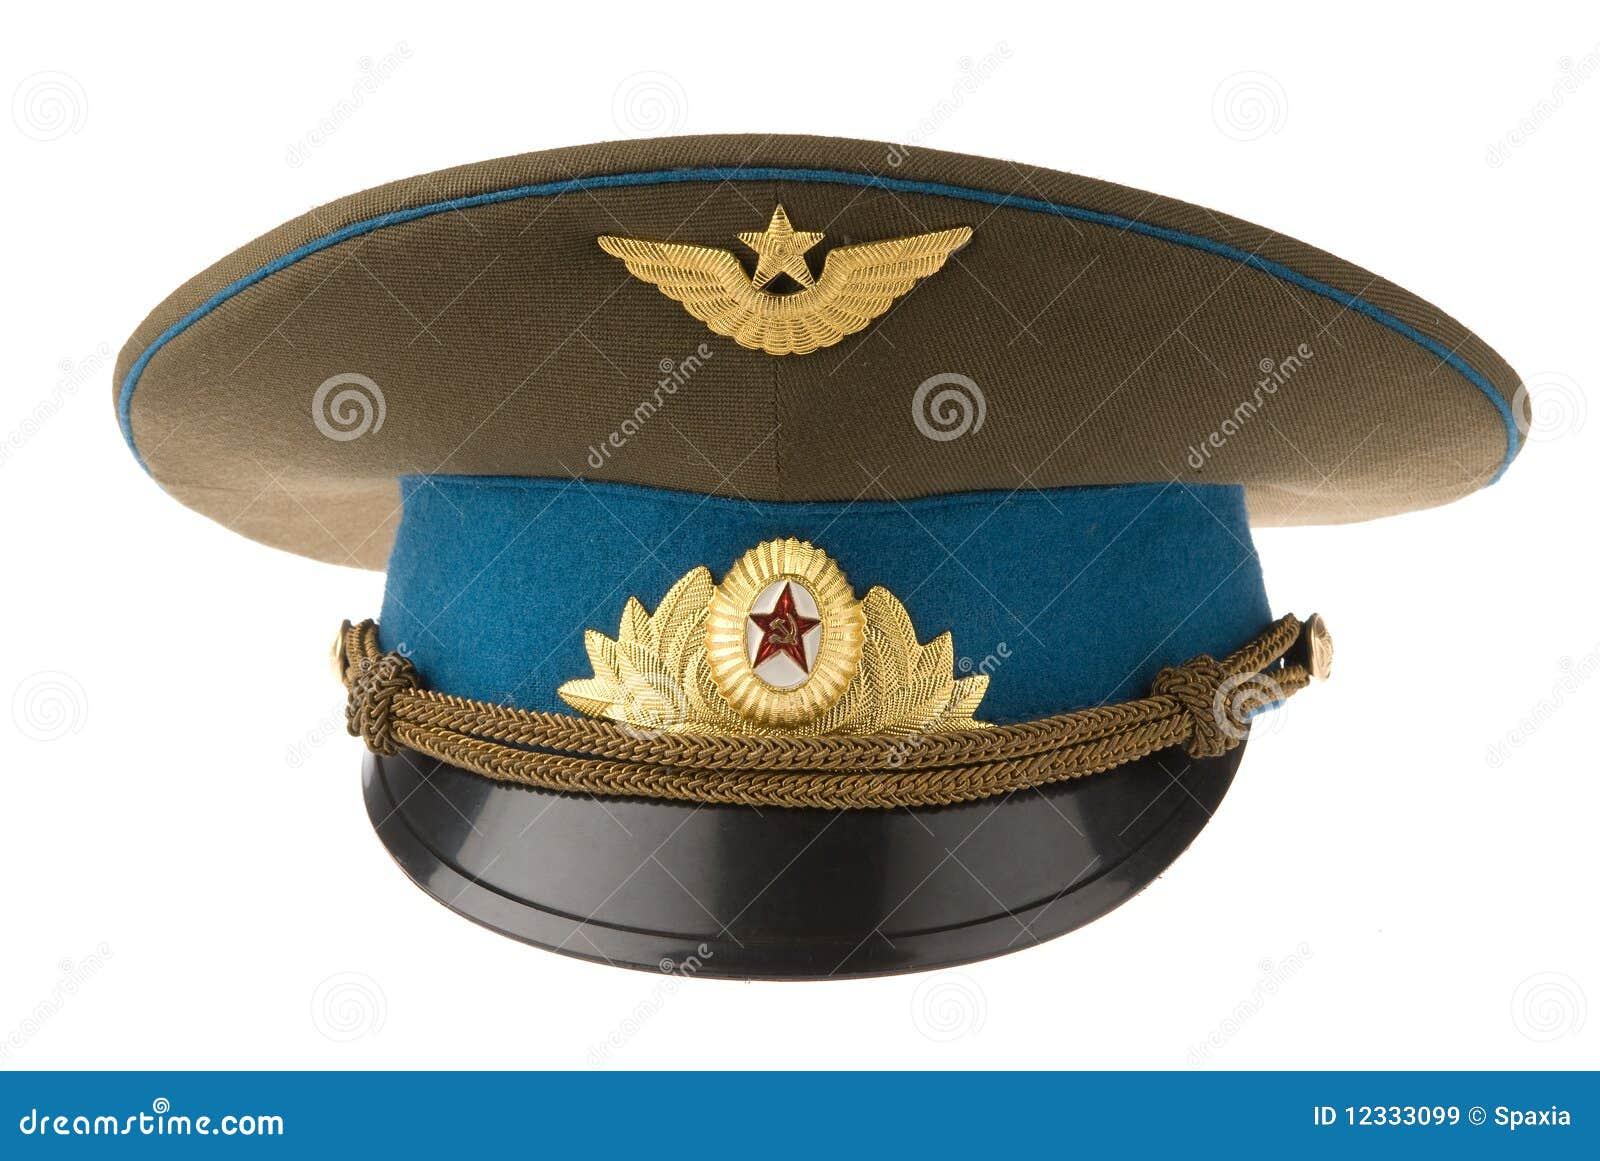 196ba8b34 Russian Military Cap stock image. Image of armed, memorabilia - 12333099